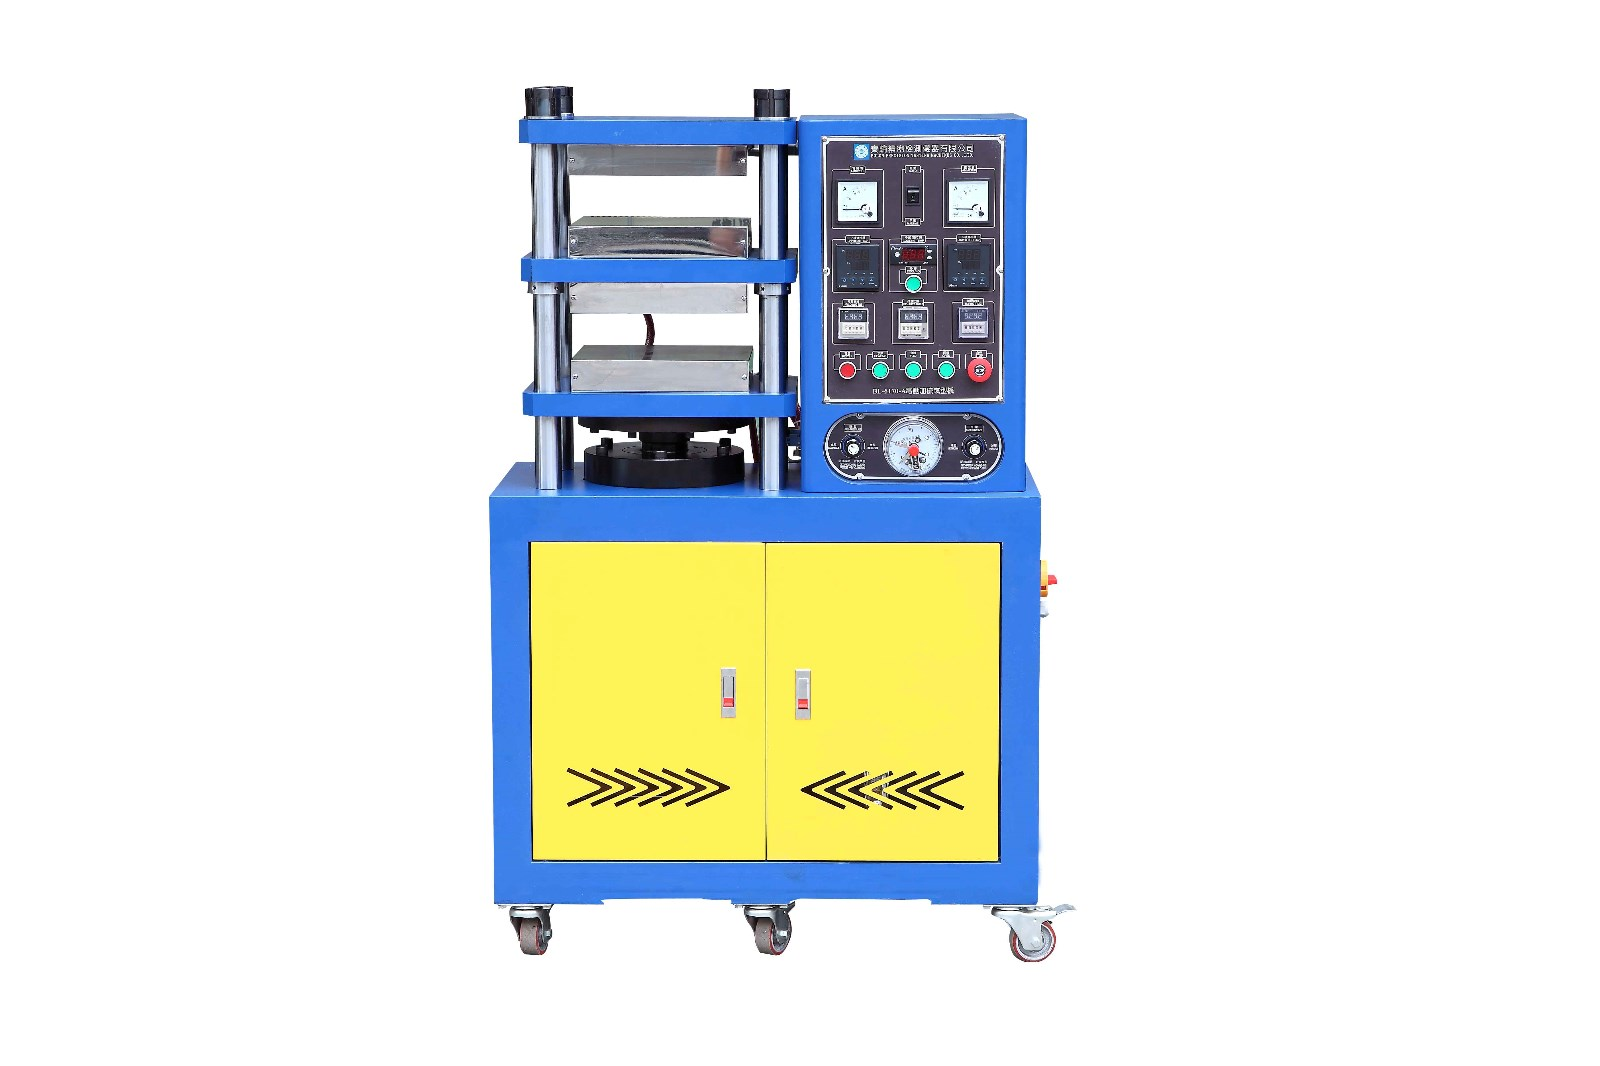 平板硫化机直销-塑胶平板硫化机厂家-东莞市宝轮精密检测仪器有限公司